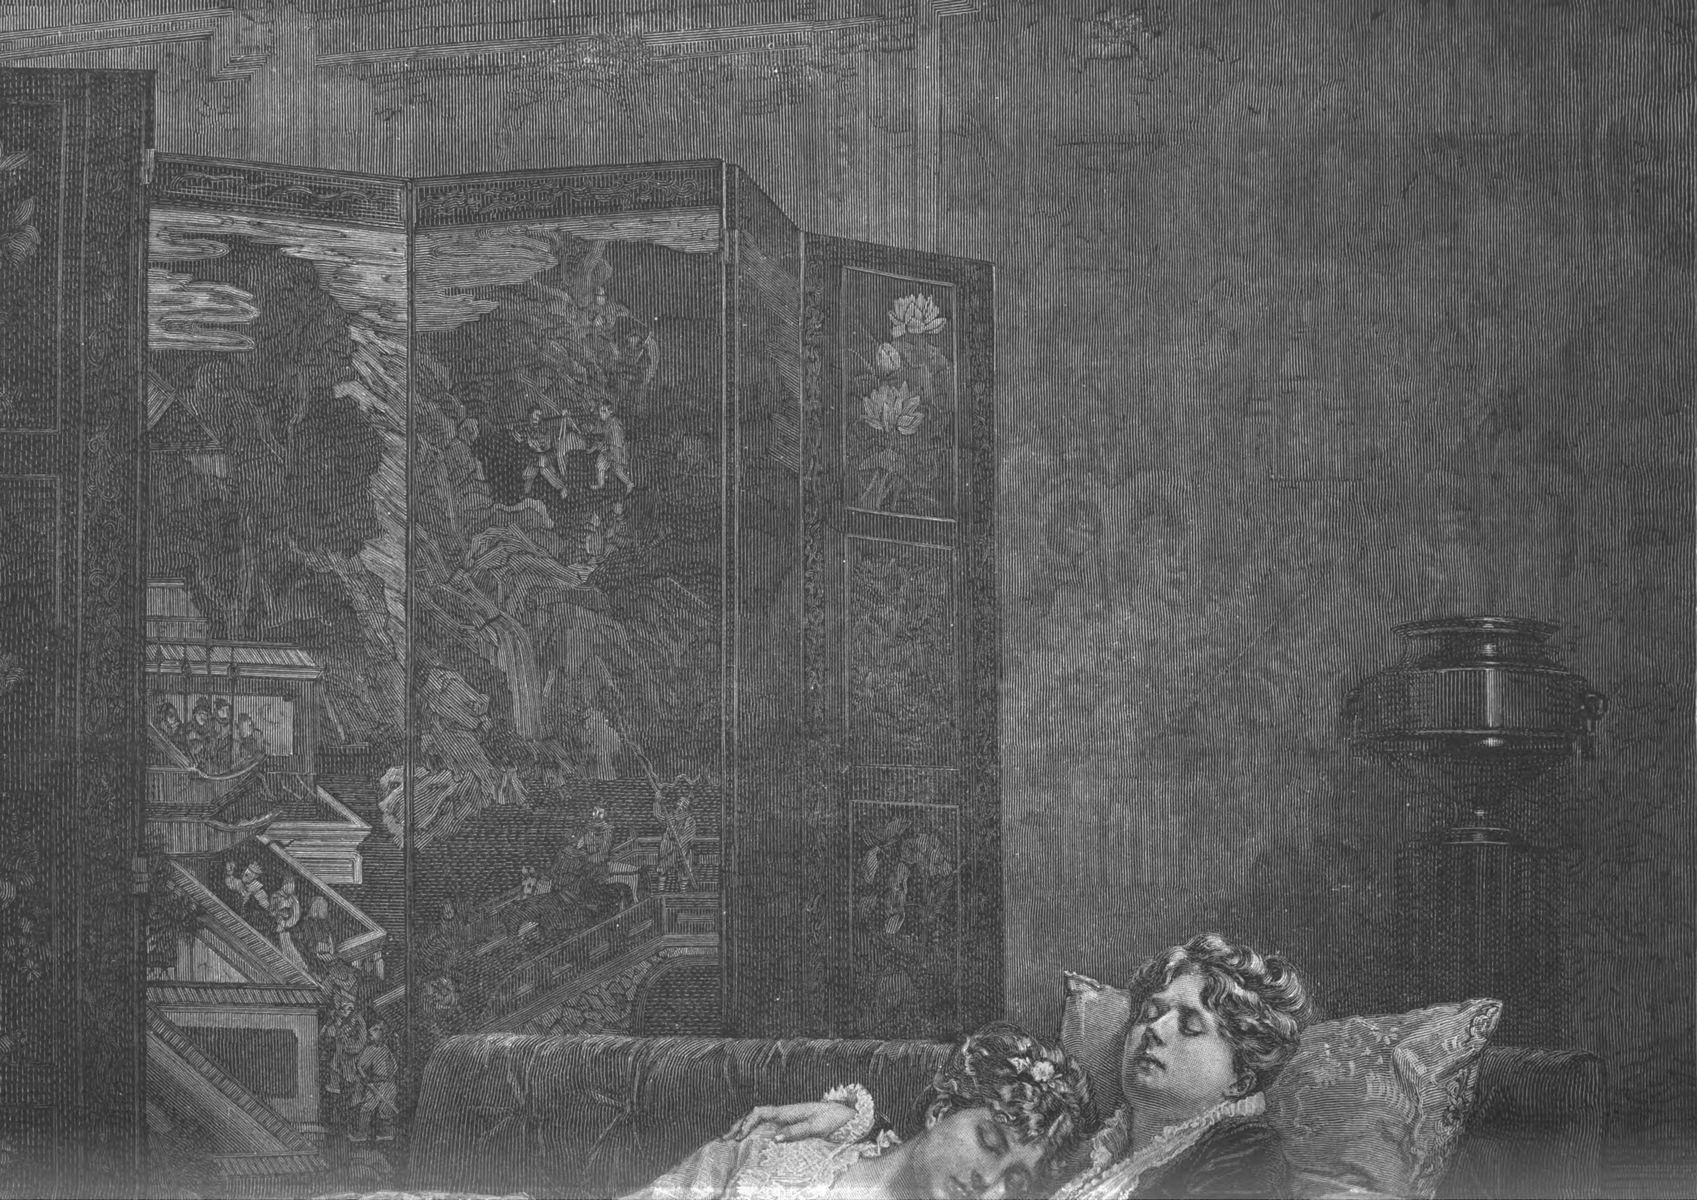 Le livre sérieux, tableau de M. A. Toulmouche.